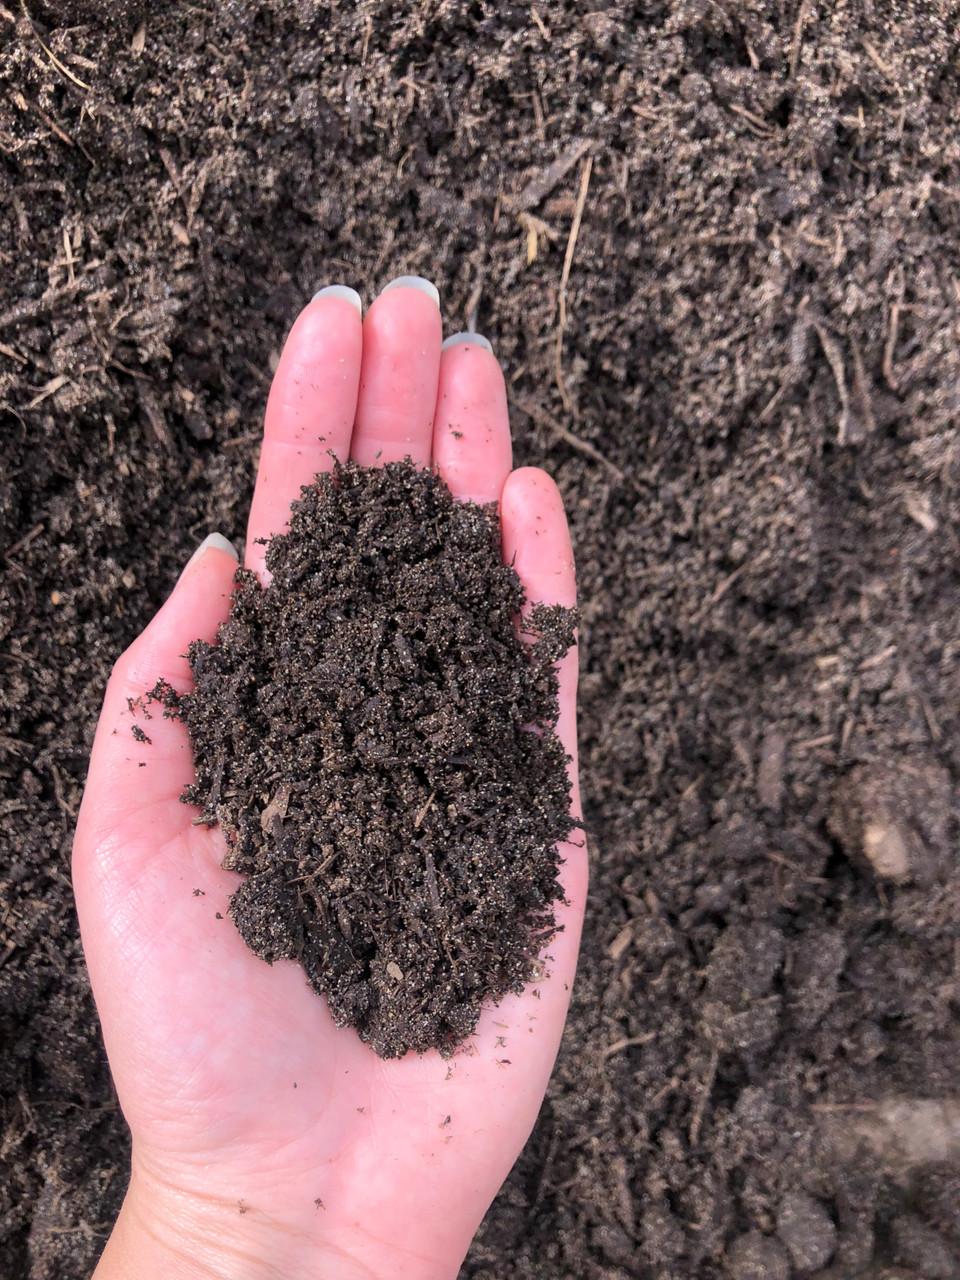 Botanical Blend, Garden Mix, Top soil